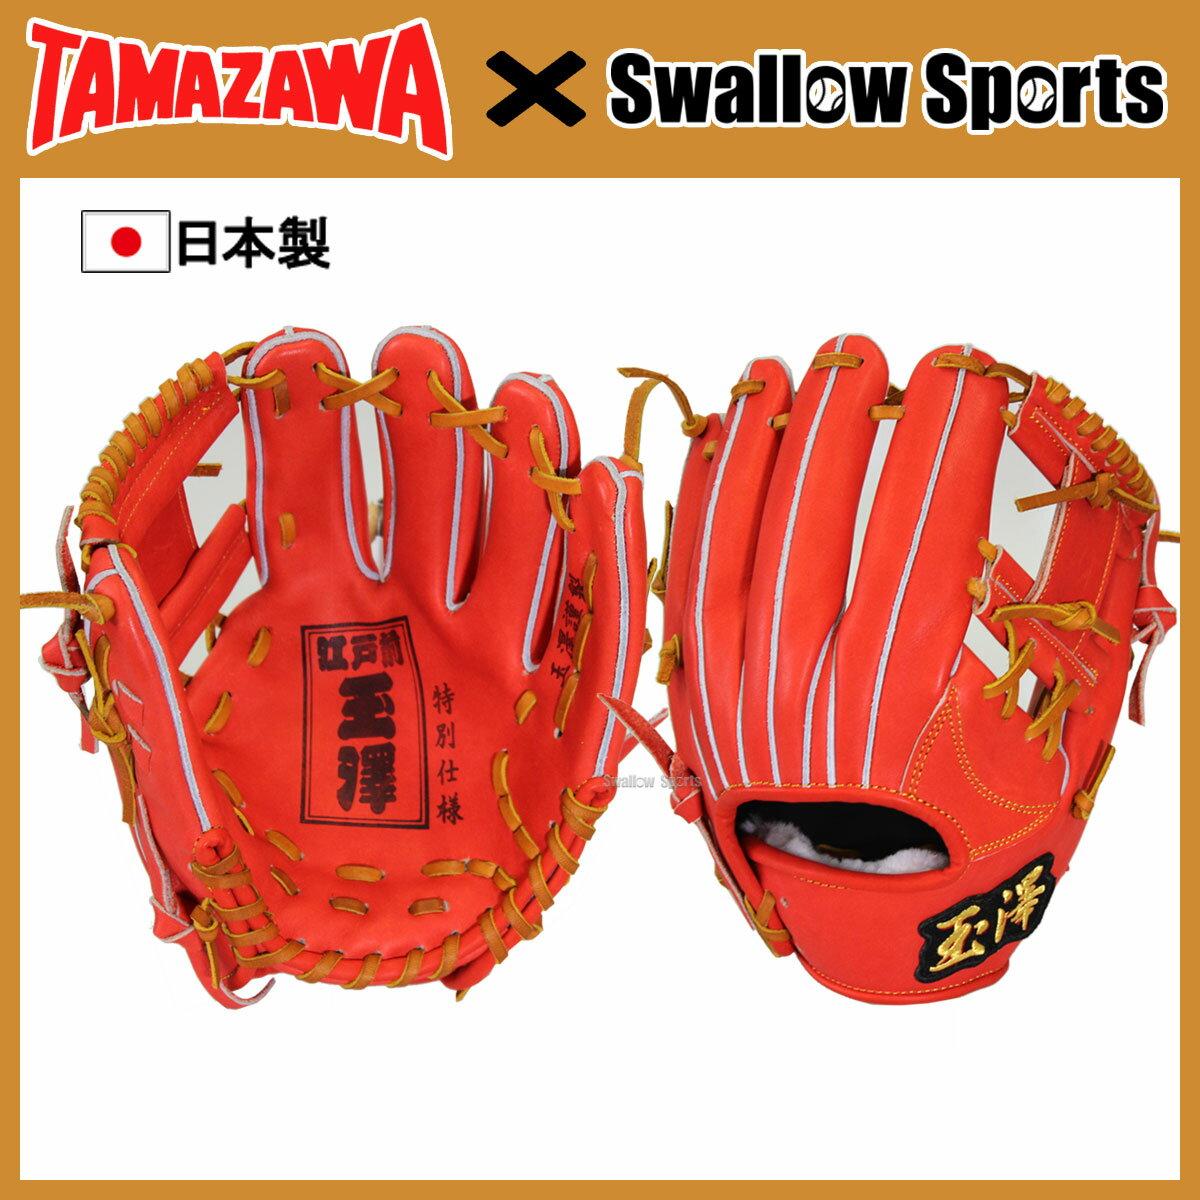 【あす楽対応】 玉澤 タマザワ スワロー限定 カンタマ 硬式グラブ 内野手用 小型 グローブ TMZW-K2SW グラブ グローブ 硬式用 野球用品 スワロースポーツ